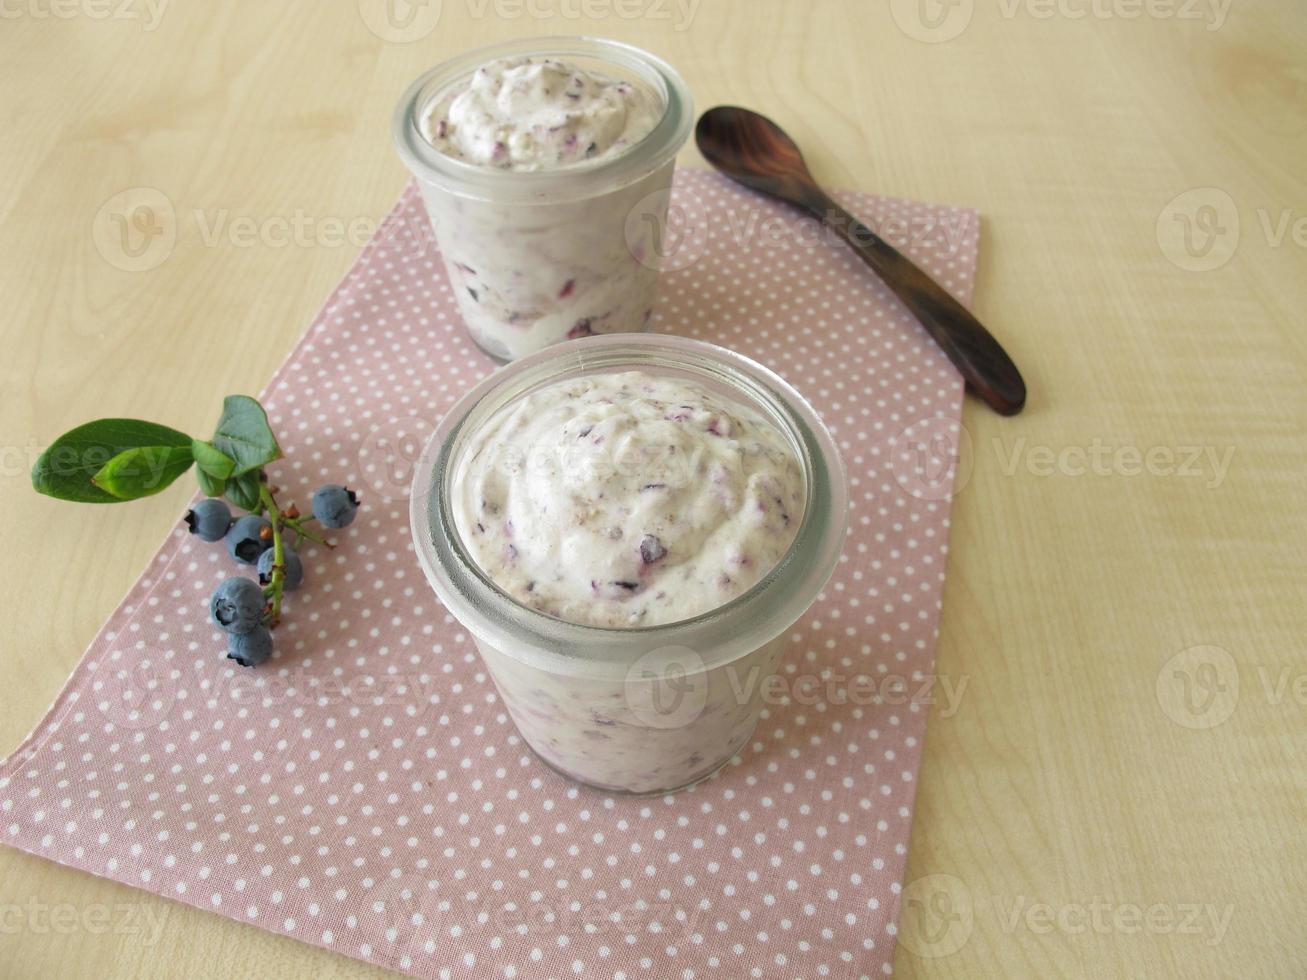 gefrorenes Joghurteis mit Blaubeeren foto